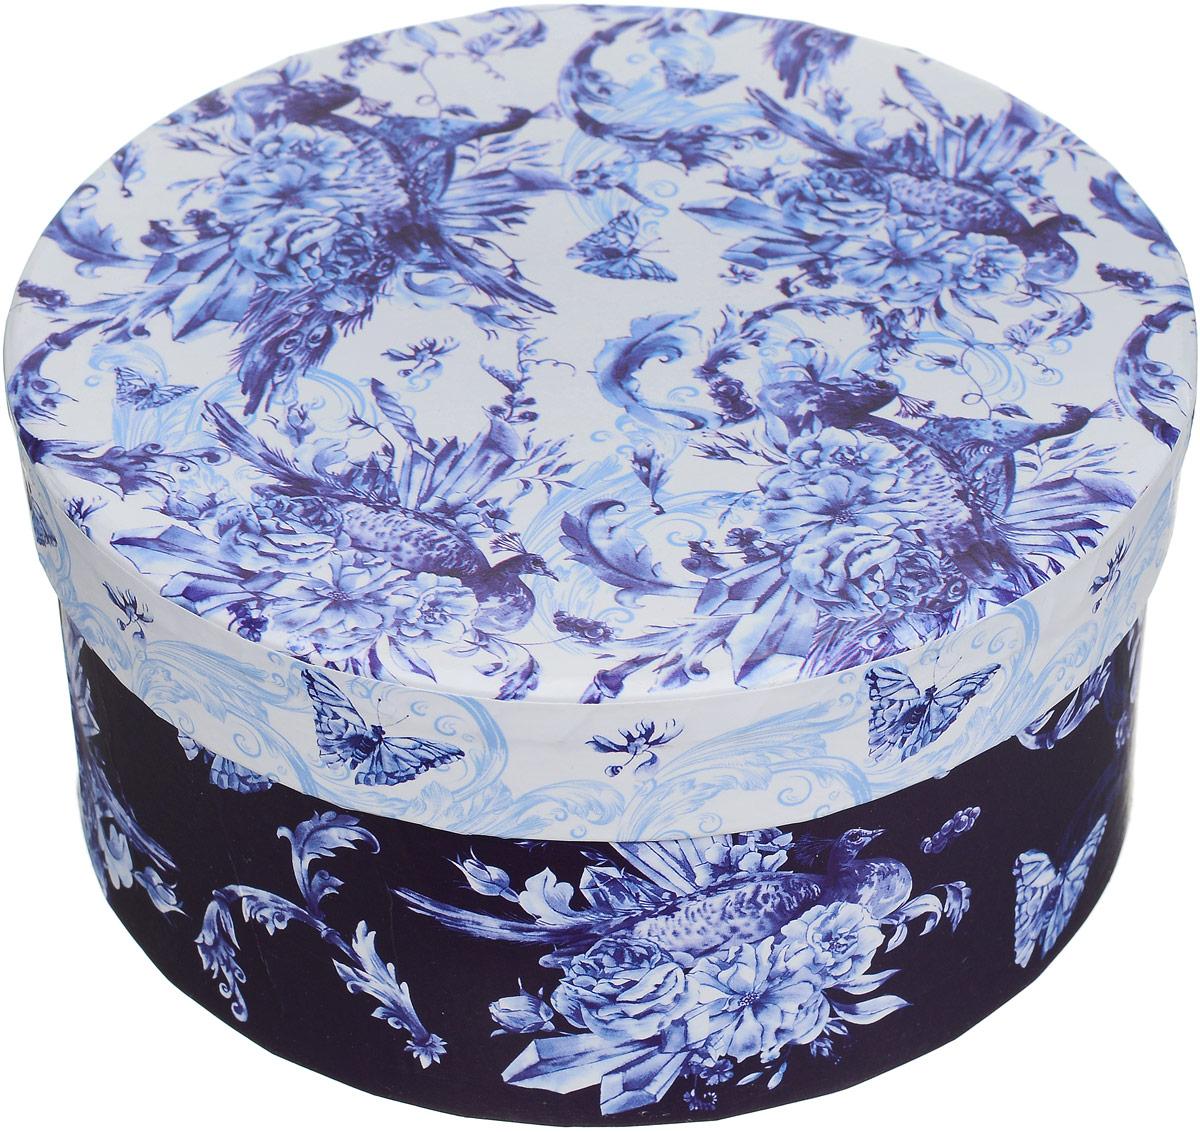 Коробка подарочная Magic Home Голубые цветы, круглая, 14 х 14 х 7 см44292Подарочная коробка Magic Home Голубые цветы выполнена из мелованного ламинированного картона. Коробочка оформлена оригинальным рисунком. Изделие имеет круглую форму и закрывается крышкой. Подарочная коробка - это наилучшее решение, если вы хотите порадовать близких людей и создать праздничное настроение, ведь подарок, преподнесенный в оригинальной упаковке, всегда будет самым эффектным и запоминающимся. Окружите близких людей вниманием и заботой, вручив презент в нарядном, праздничном оформлении.Плотность картона: 1100 г/м2.